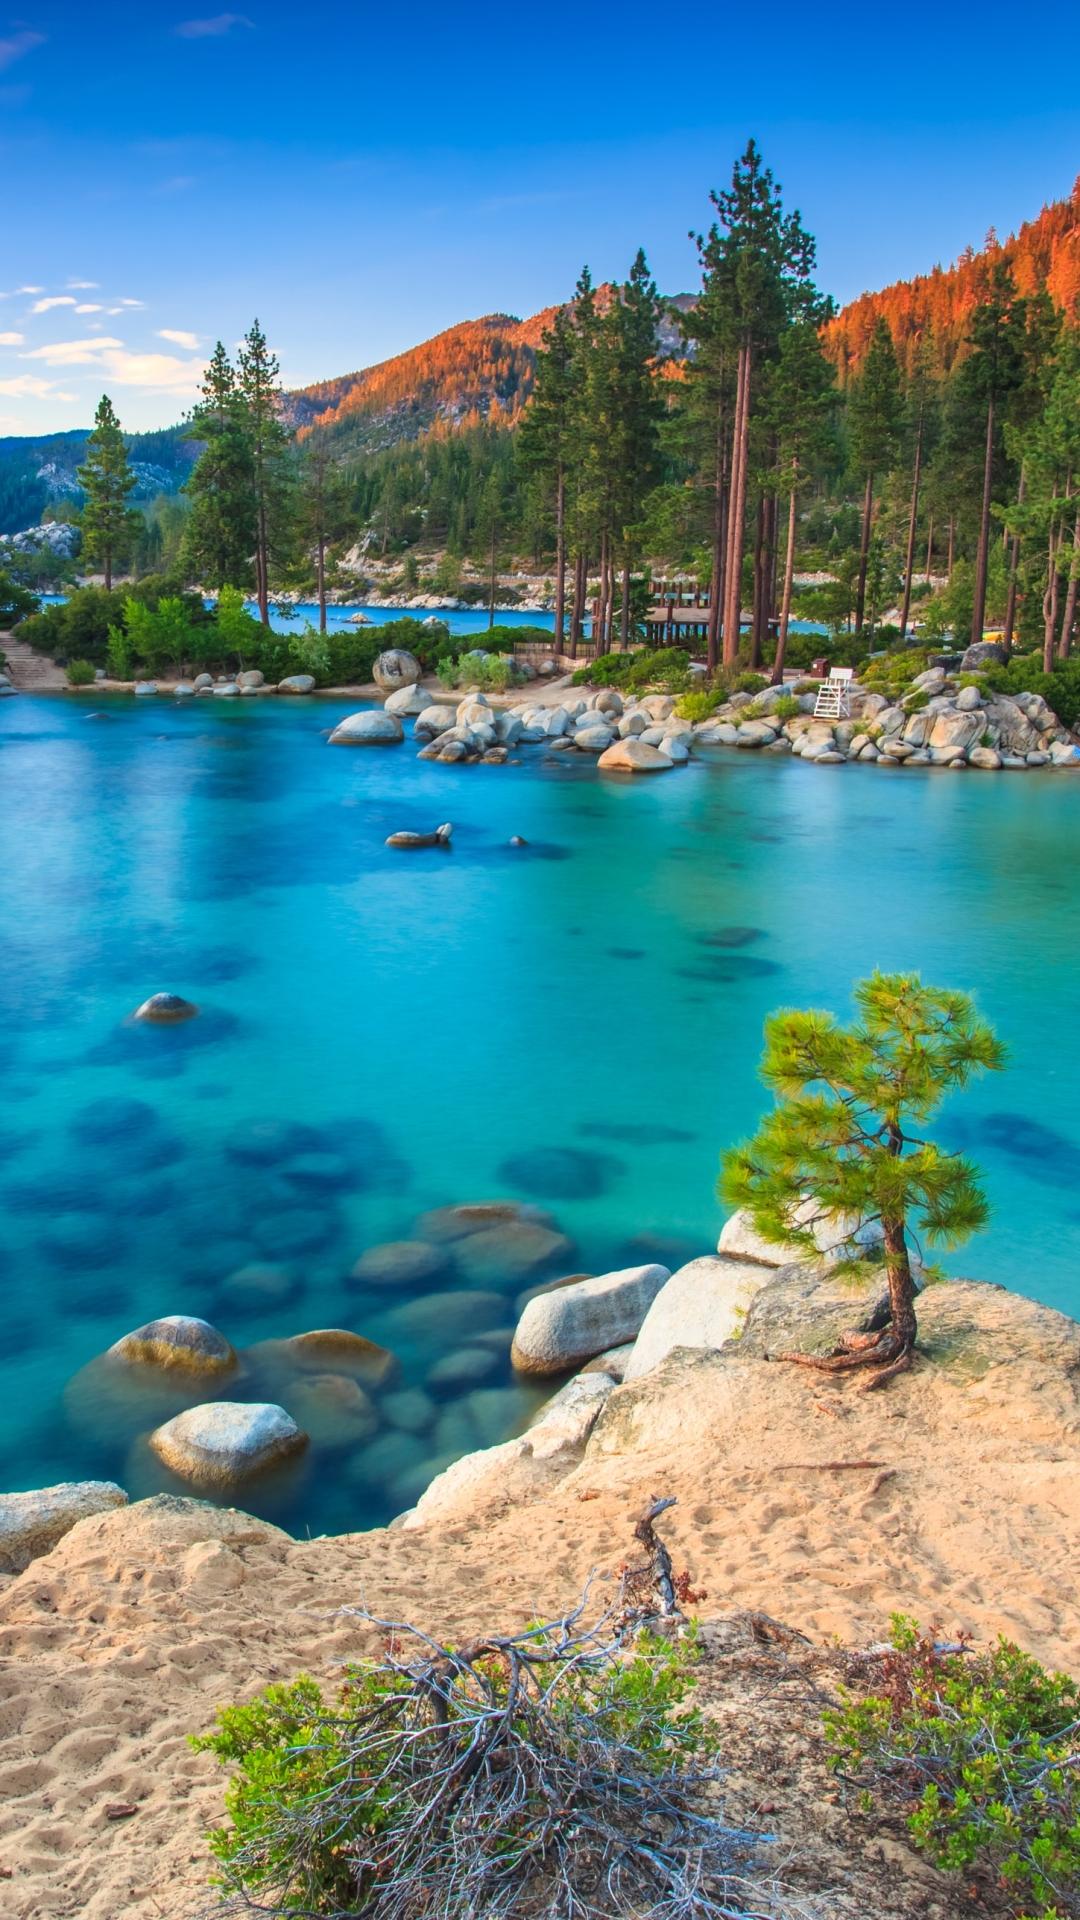 Lake Tahoe 1080x1920 Wallpaper Teahub Io